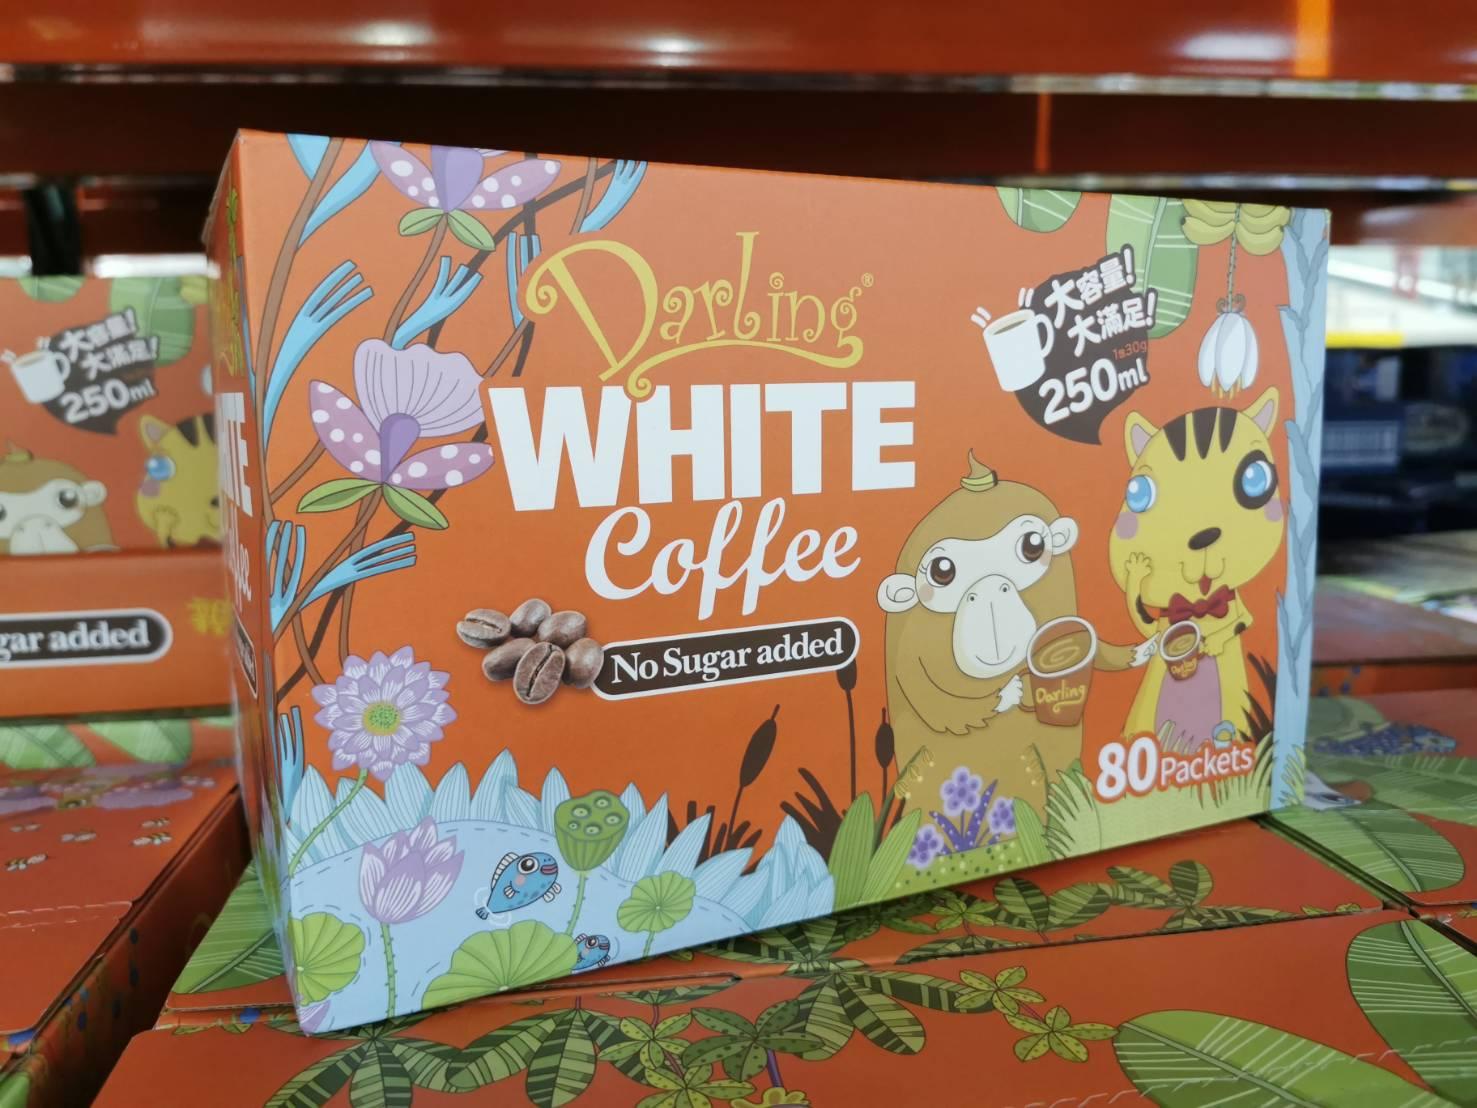 咖啡 團購價 上班族最愛 親愛的白咖啡 30克 X 80包 二合一 咖啡 無糖 沖泡 熱飲 可可 無糖咖啡 隨手包  好市多 COSTCO